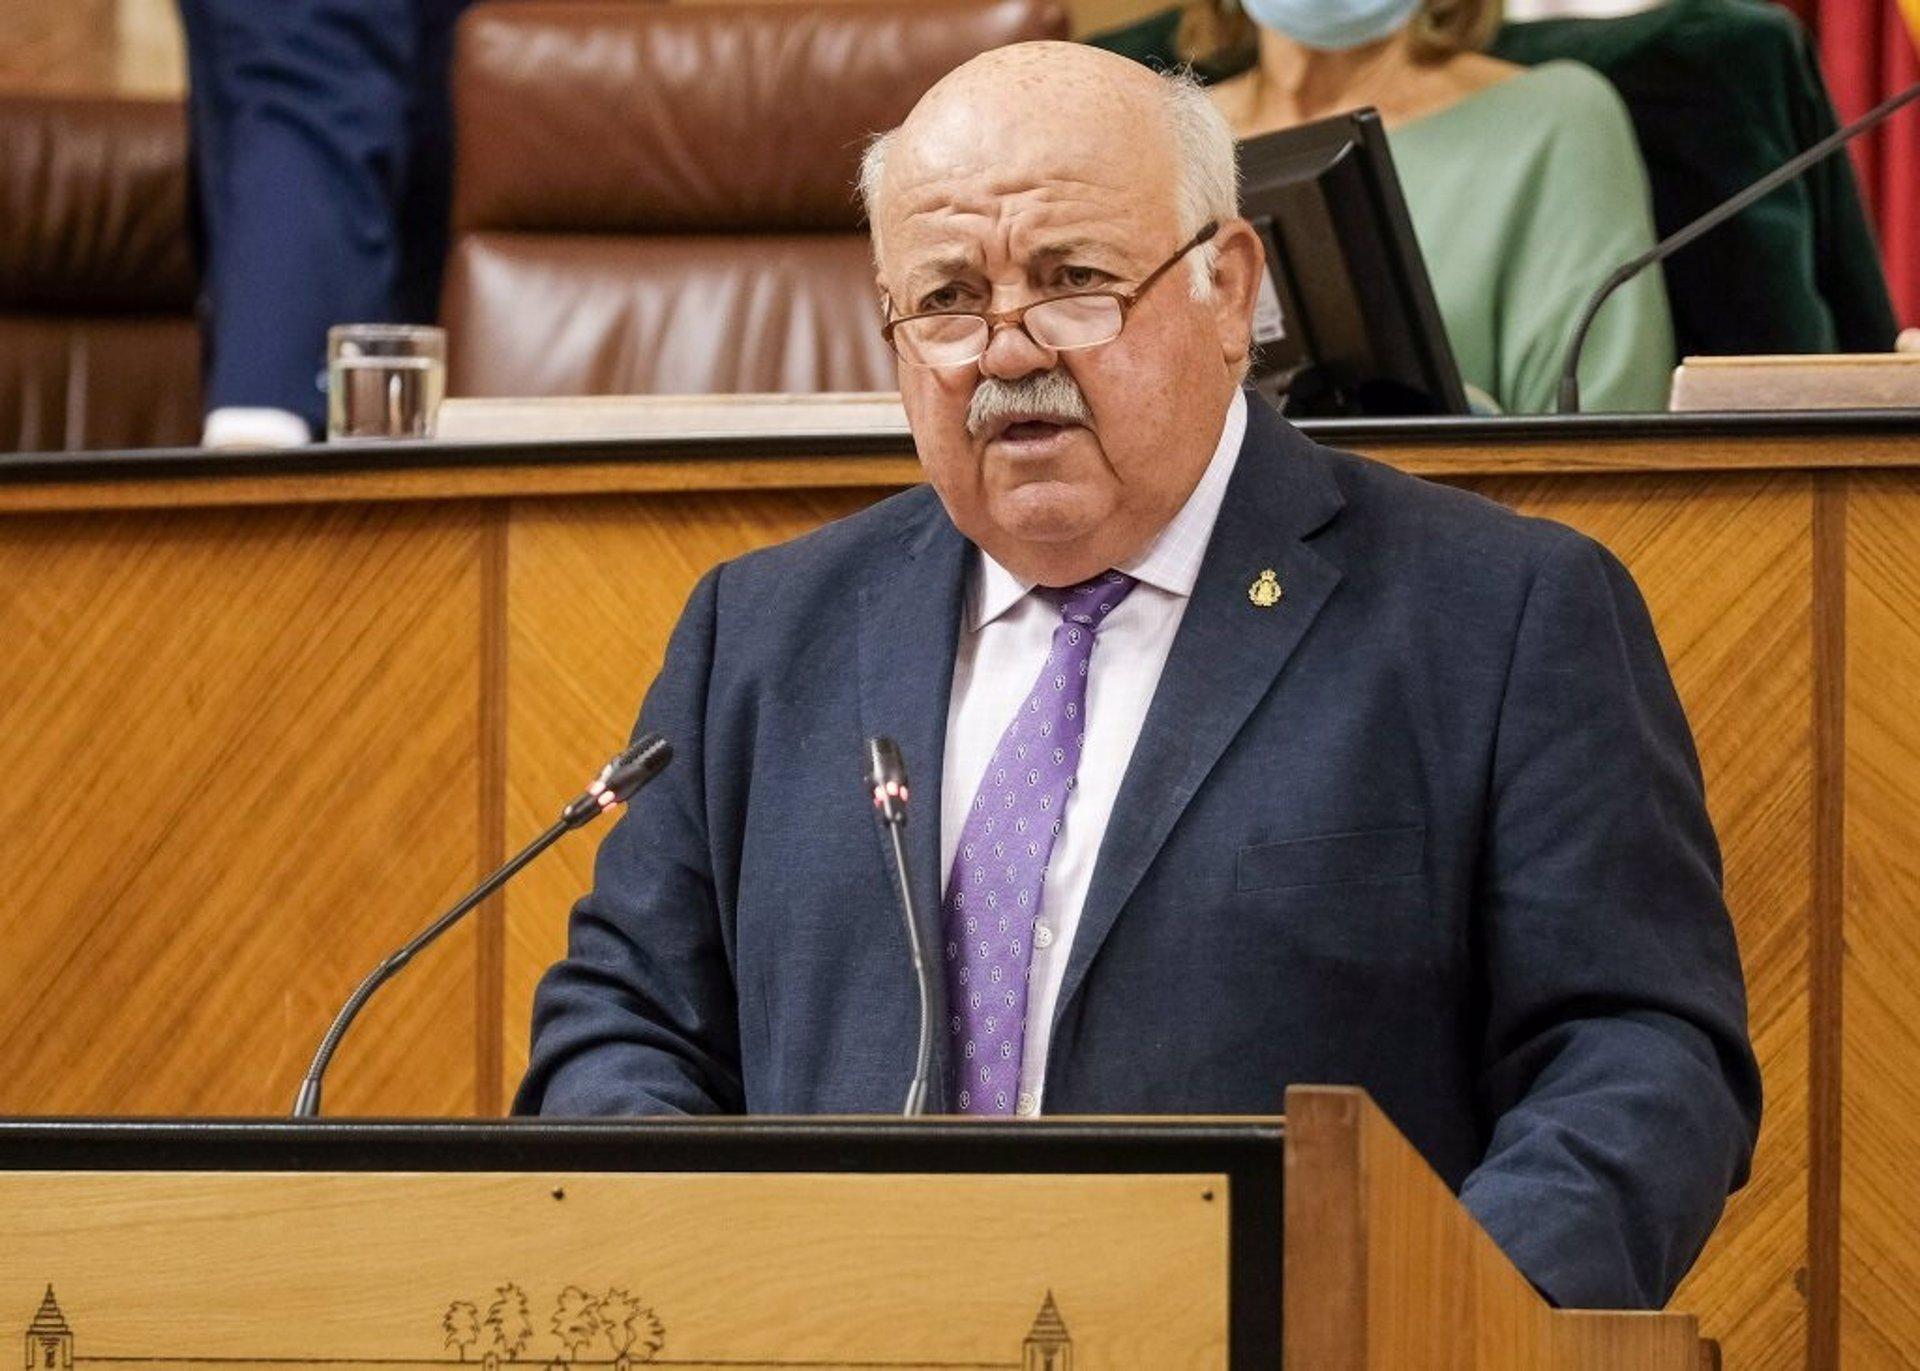 Andalucía pide a los ciudadanos quedarse en casa a partir de las 8 de la tarde